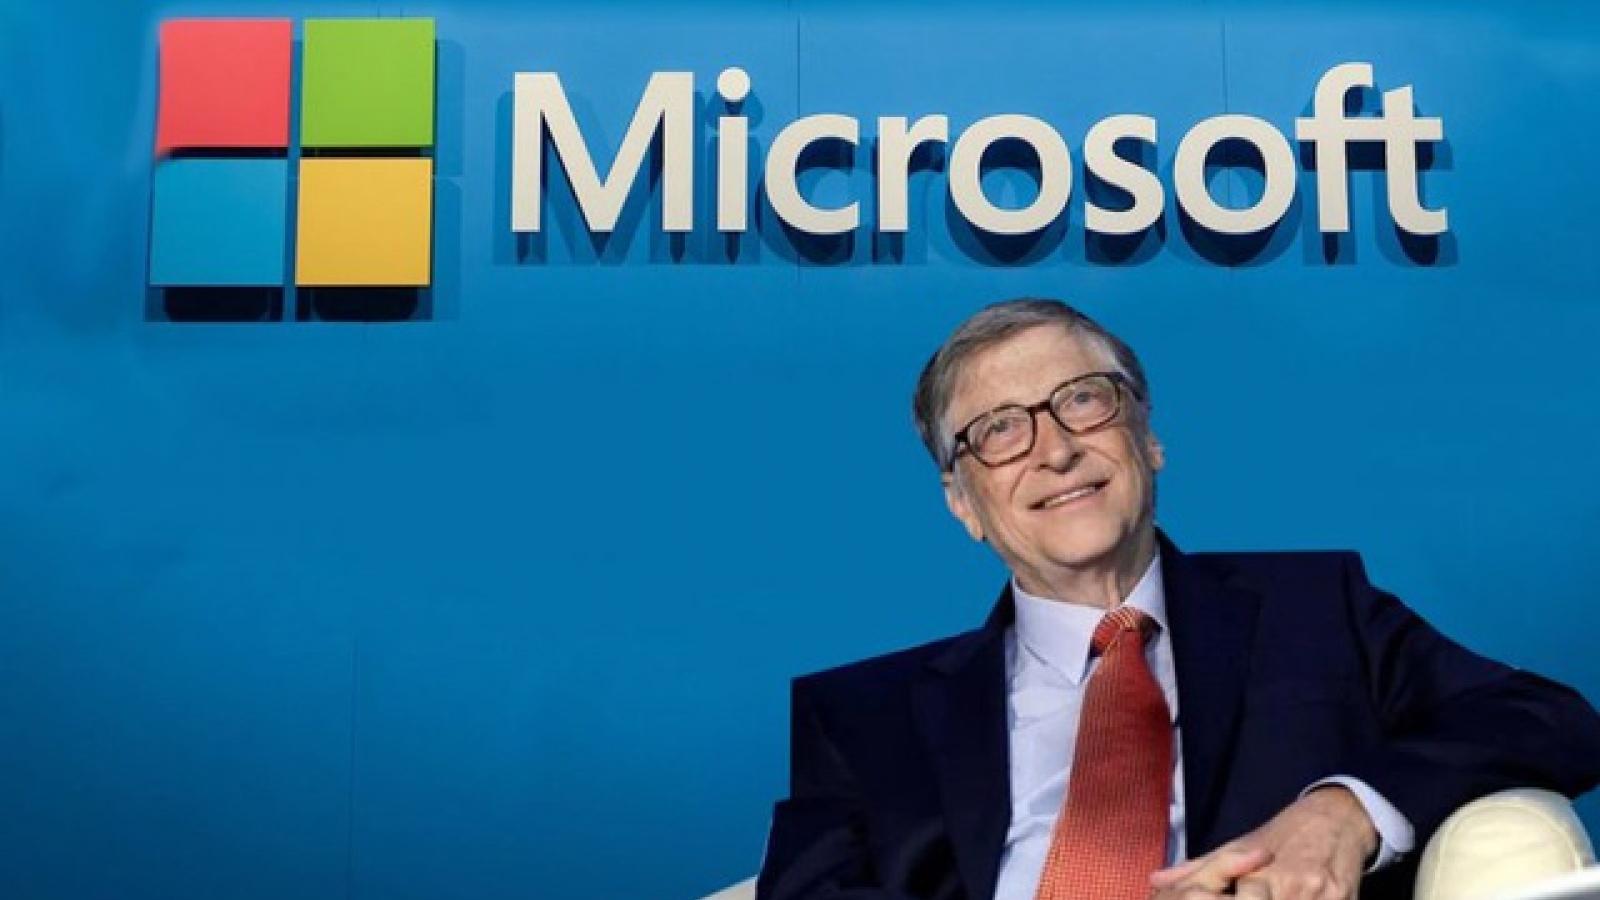 """Bill Gates bị ép buộc rời Microsoft vì quan hệ """"ngoài luồng"""" với nhân viên?"""